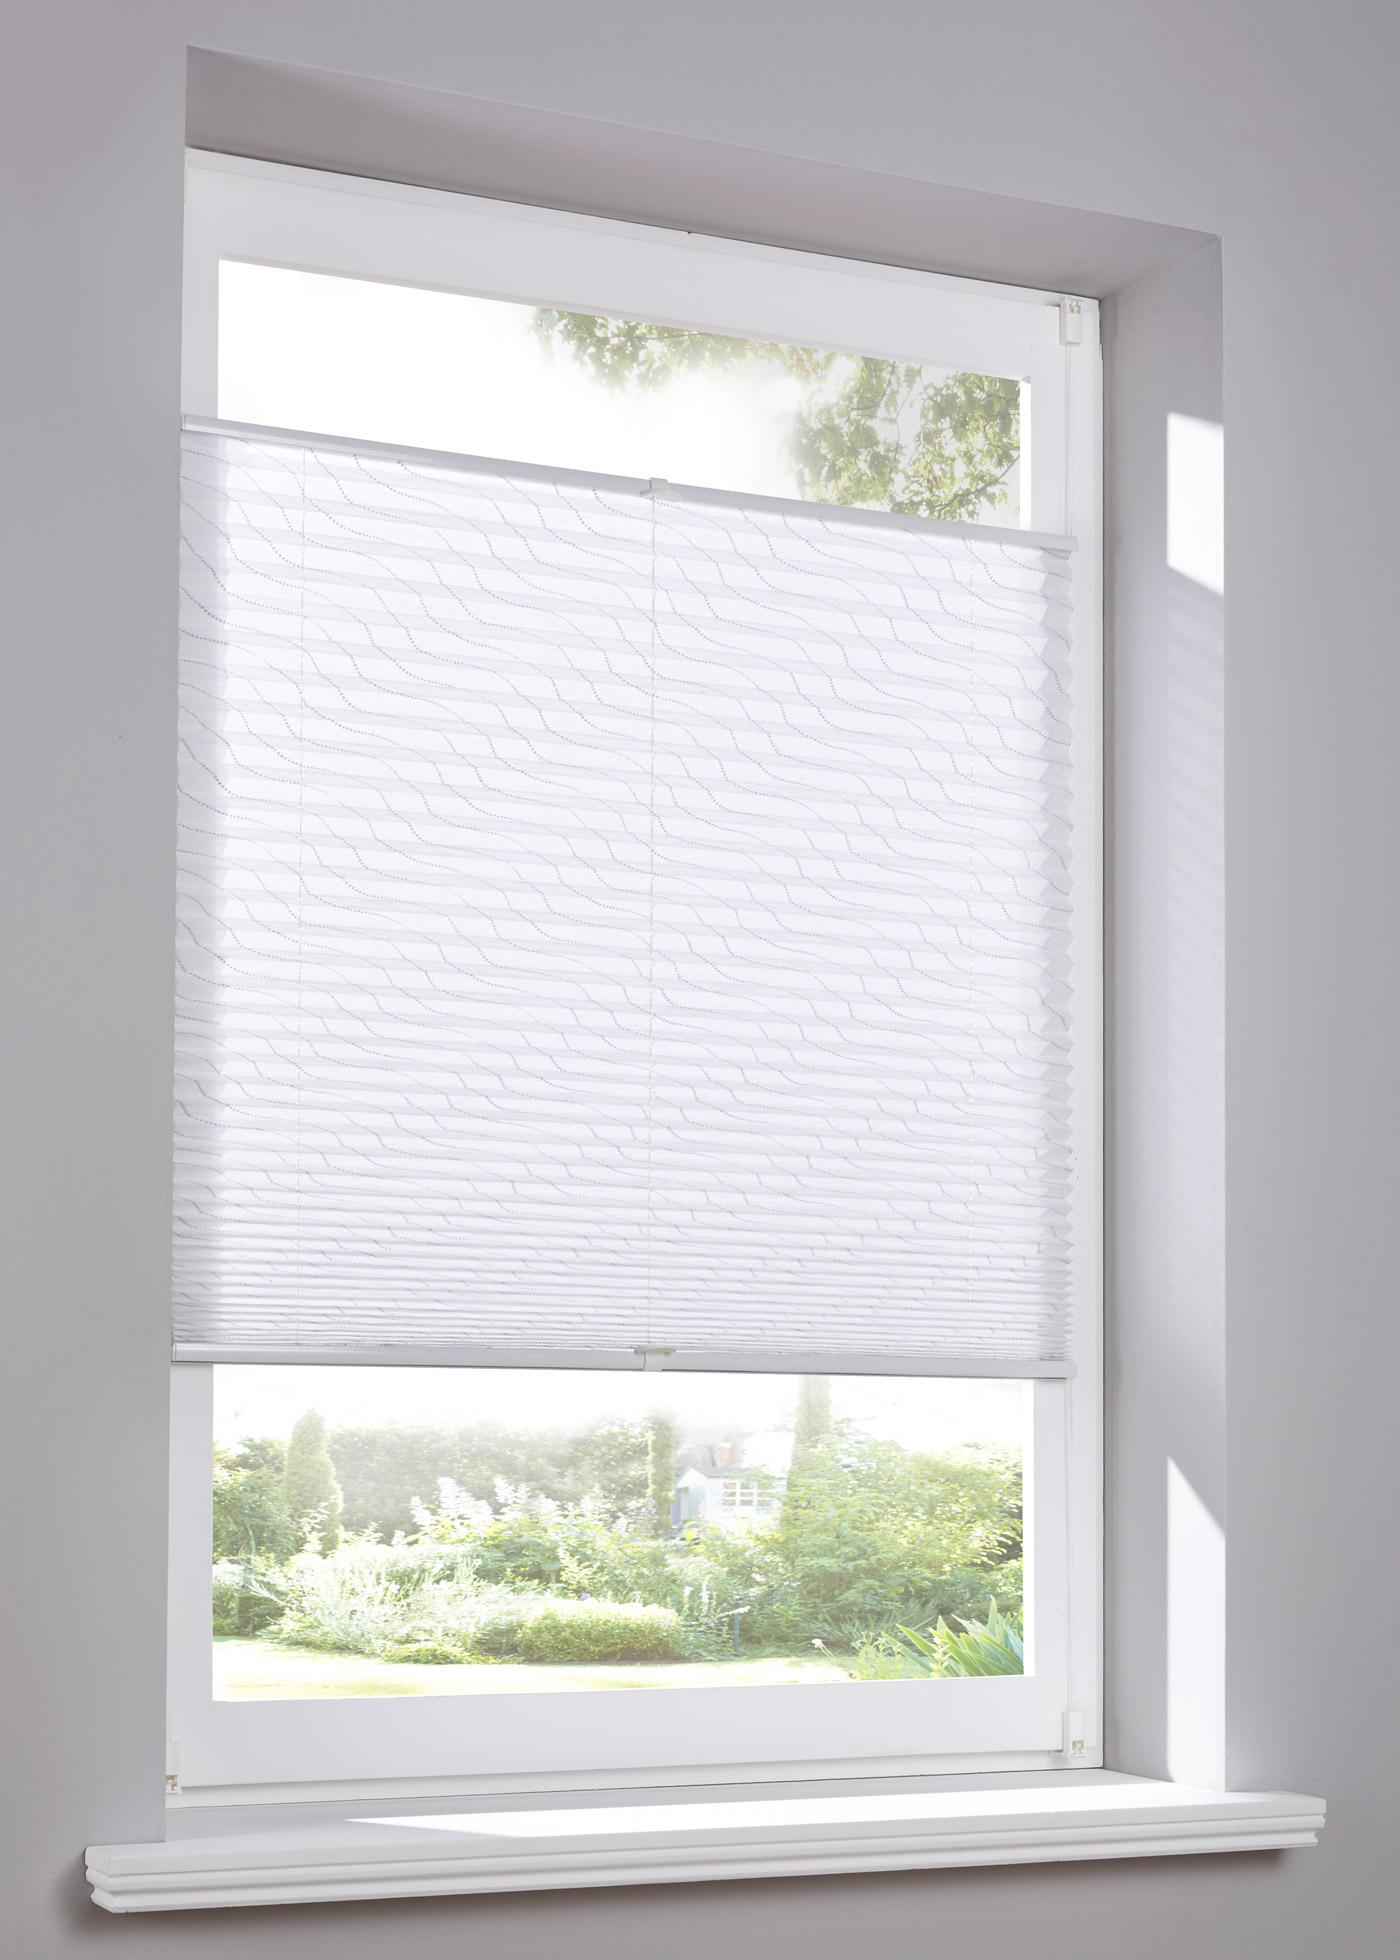 Store plissé opaque avec strass décoratifs, protection contre les regards extérieurs sans assombrir votre pièce, installation simple sans perceuse ni vis, se monte directement sur le cadre de fenêtre grâce à un système de pinces à clipser (pour une épaiss